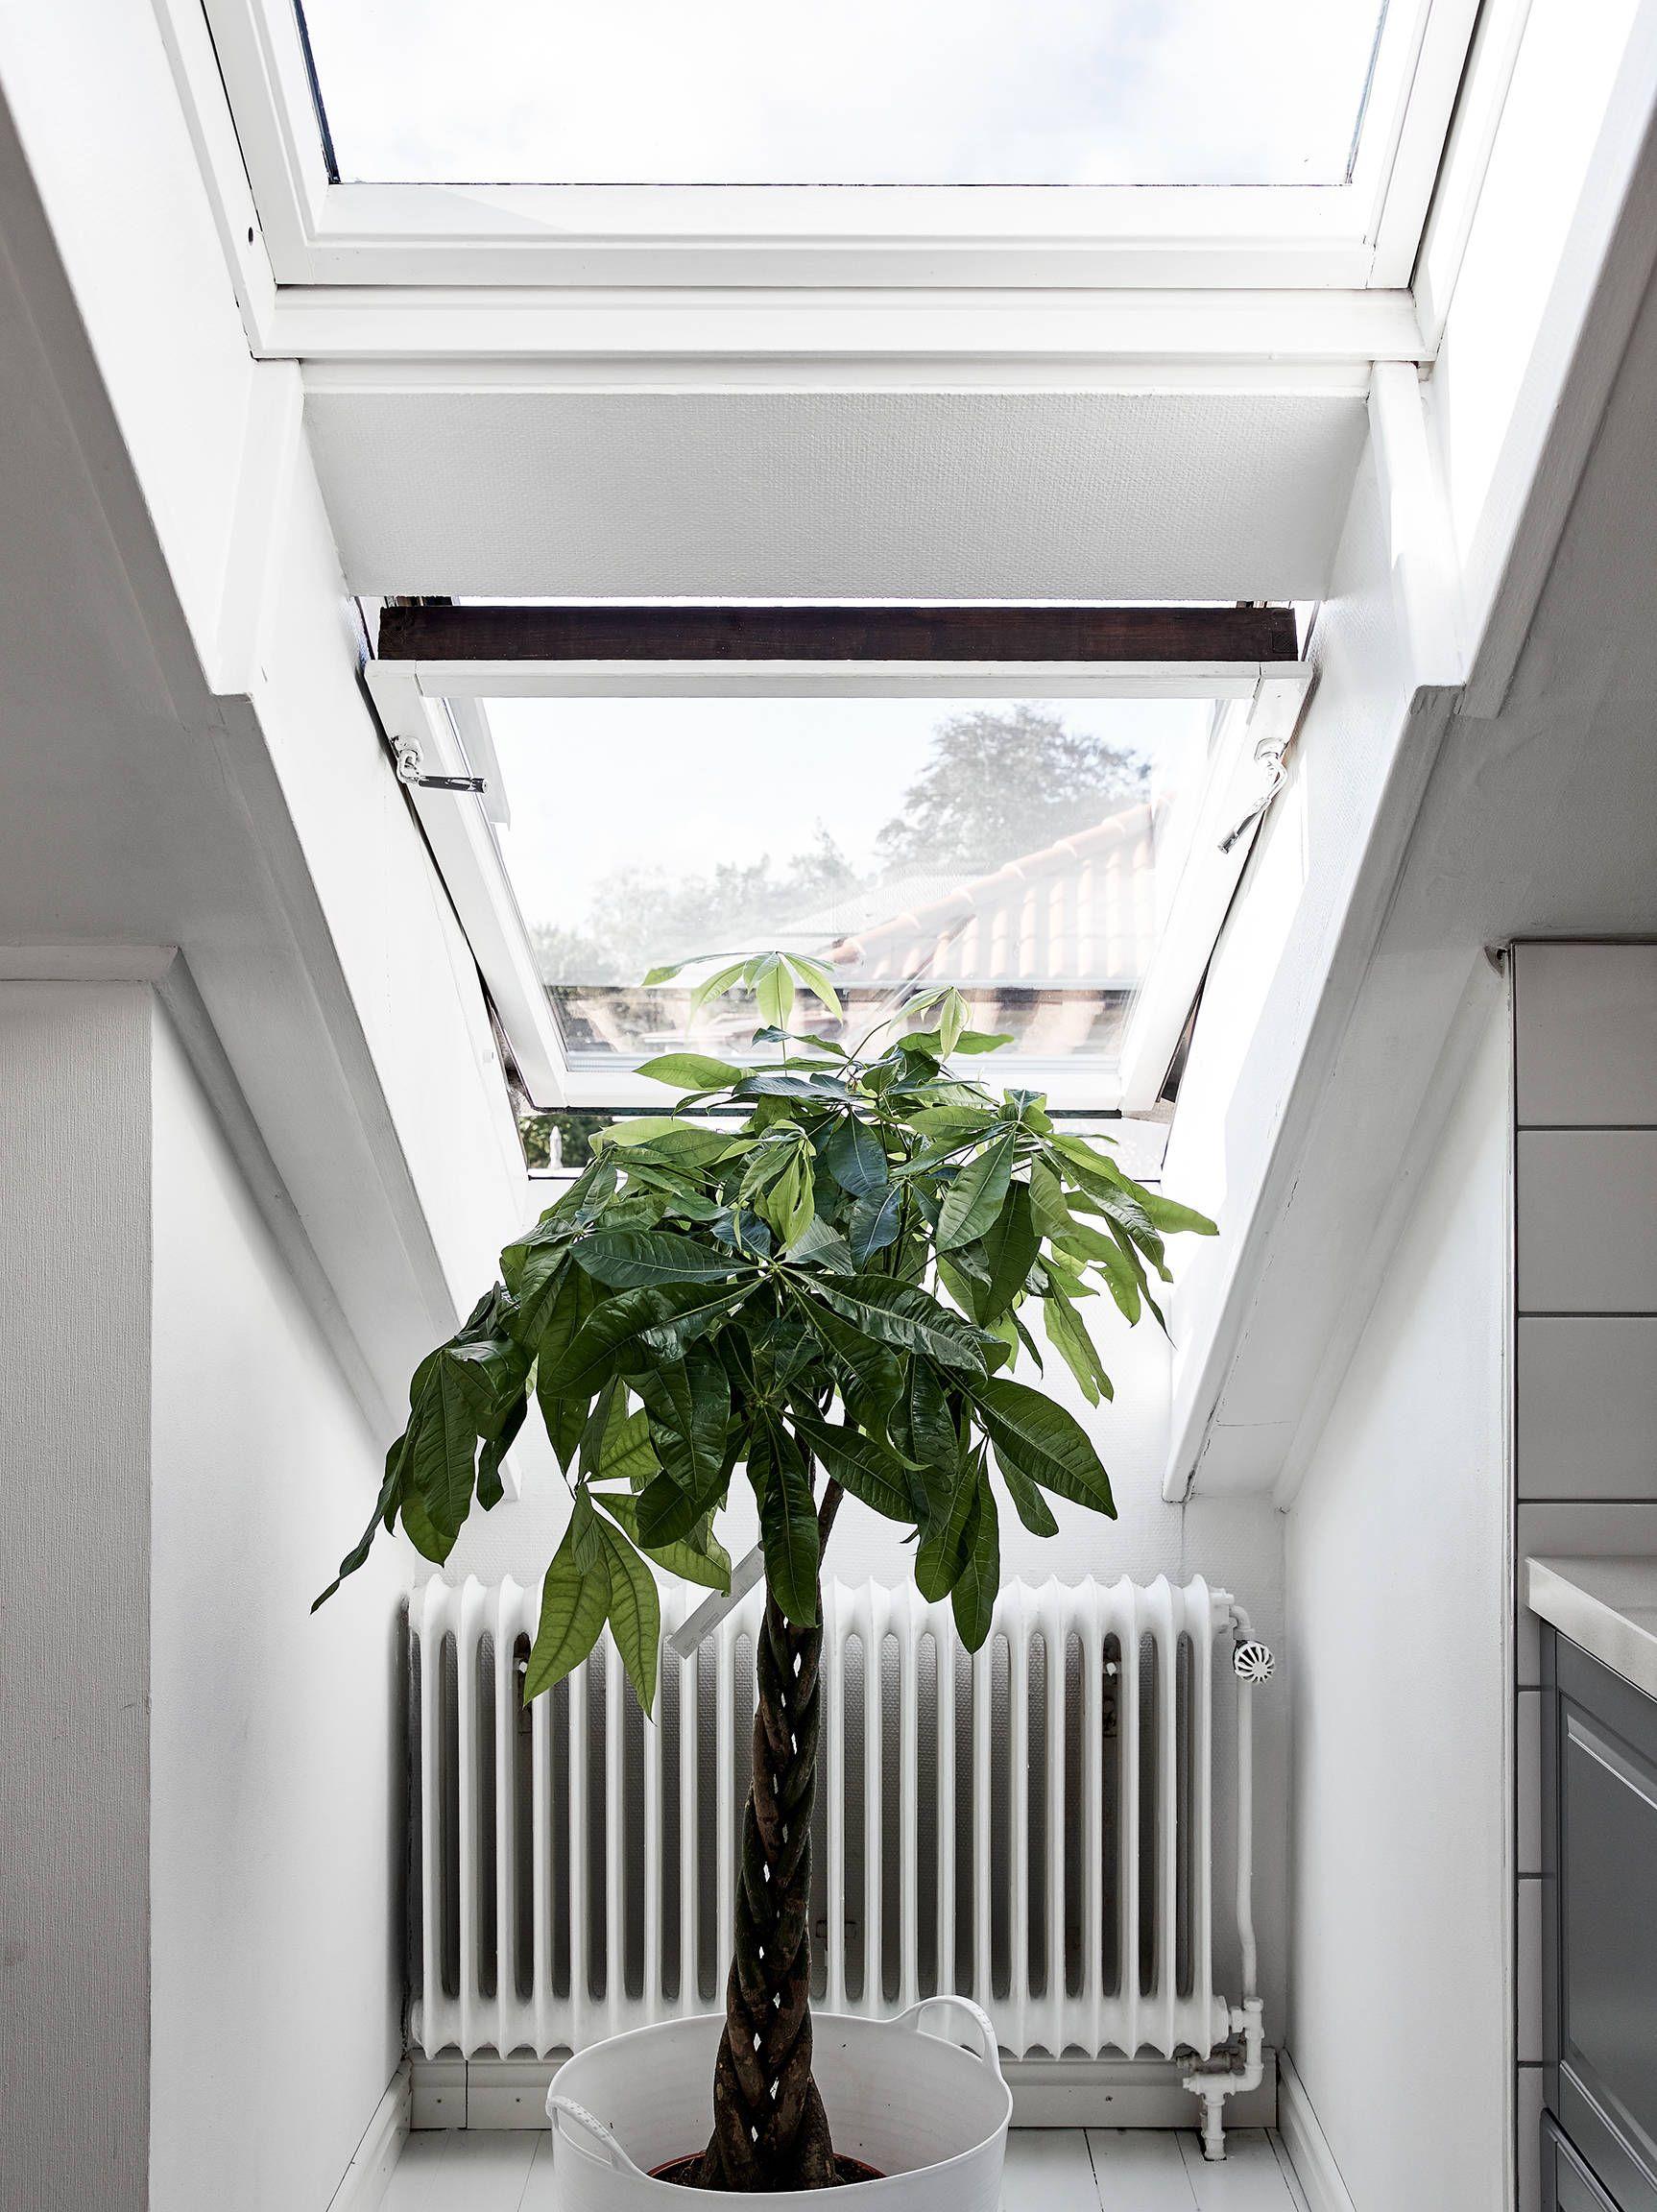 Door deze zolderwoning willen we nú allemaal een schuin plafond - Roomed